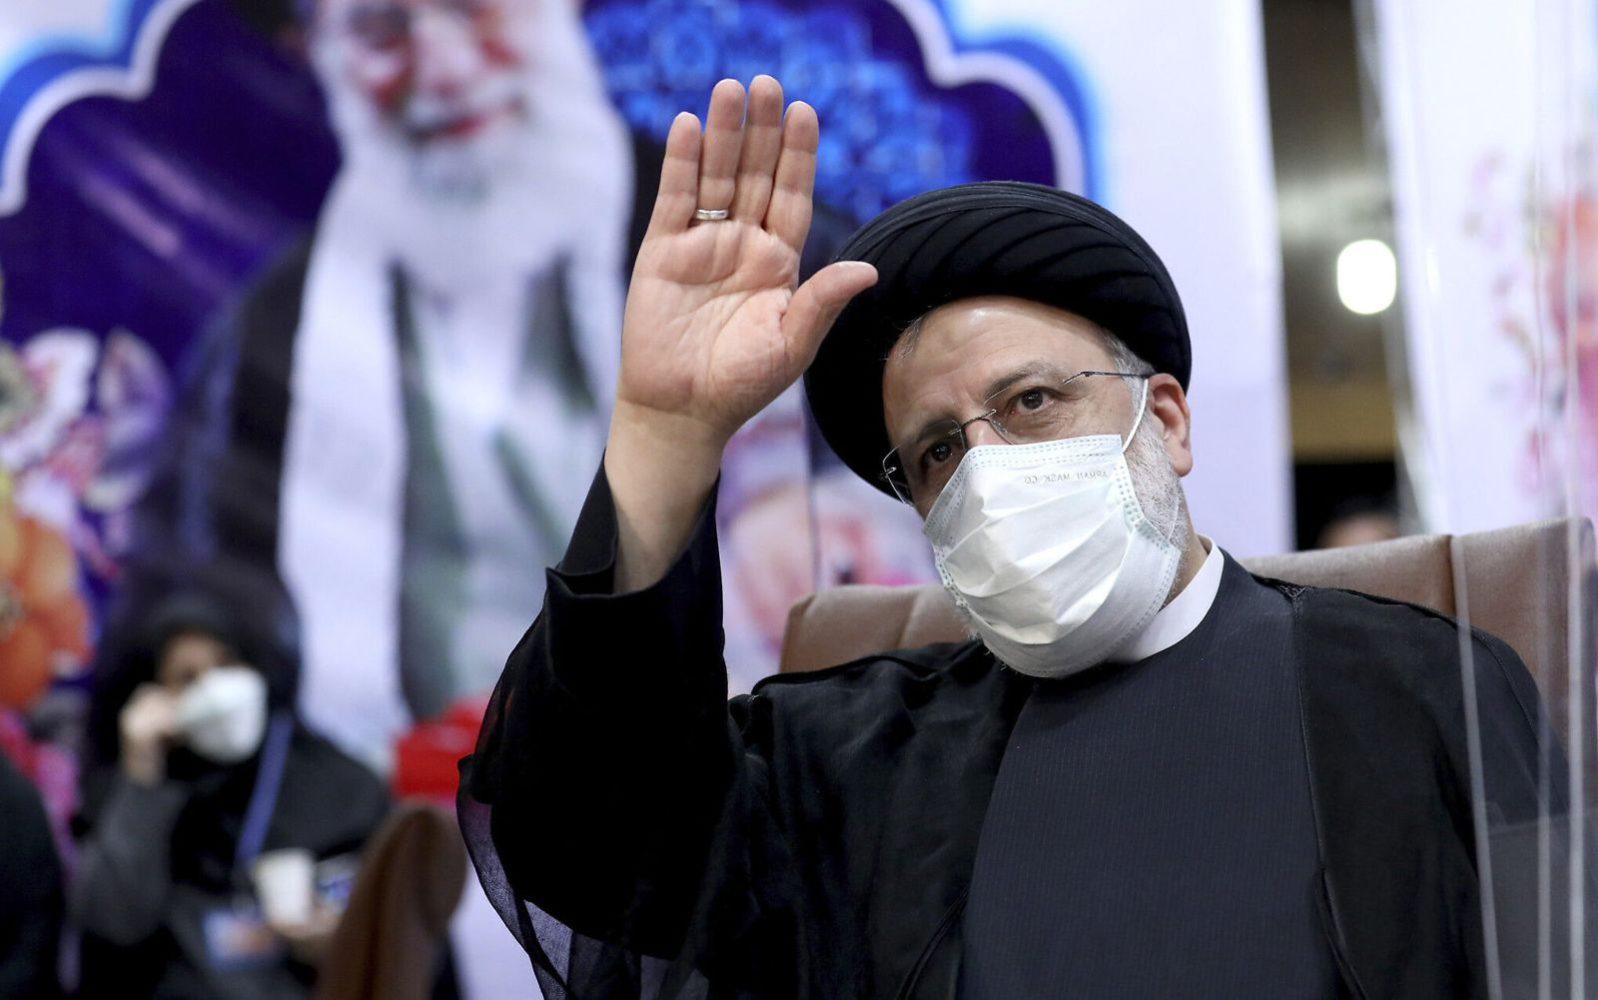 Ebrahim Raisi, jefe del poder judicial iraní, saluda a los periodistas mientras registra su candidatura para las elecciones presidenciales, en Teherán, Irán, el 15 de mayo de 2021. Detrás de él hay un cartel del líder supremo, el ayatolá Alí Jamenei. (AP Photo/Ebrahim Noroozi, Archivo)